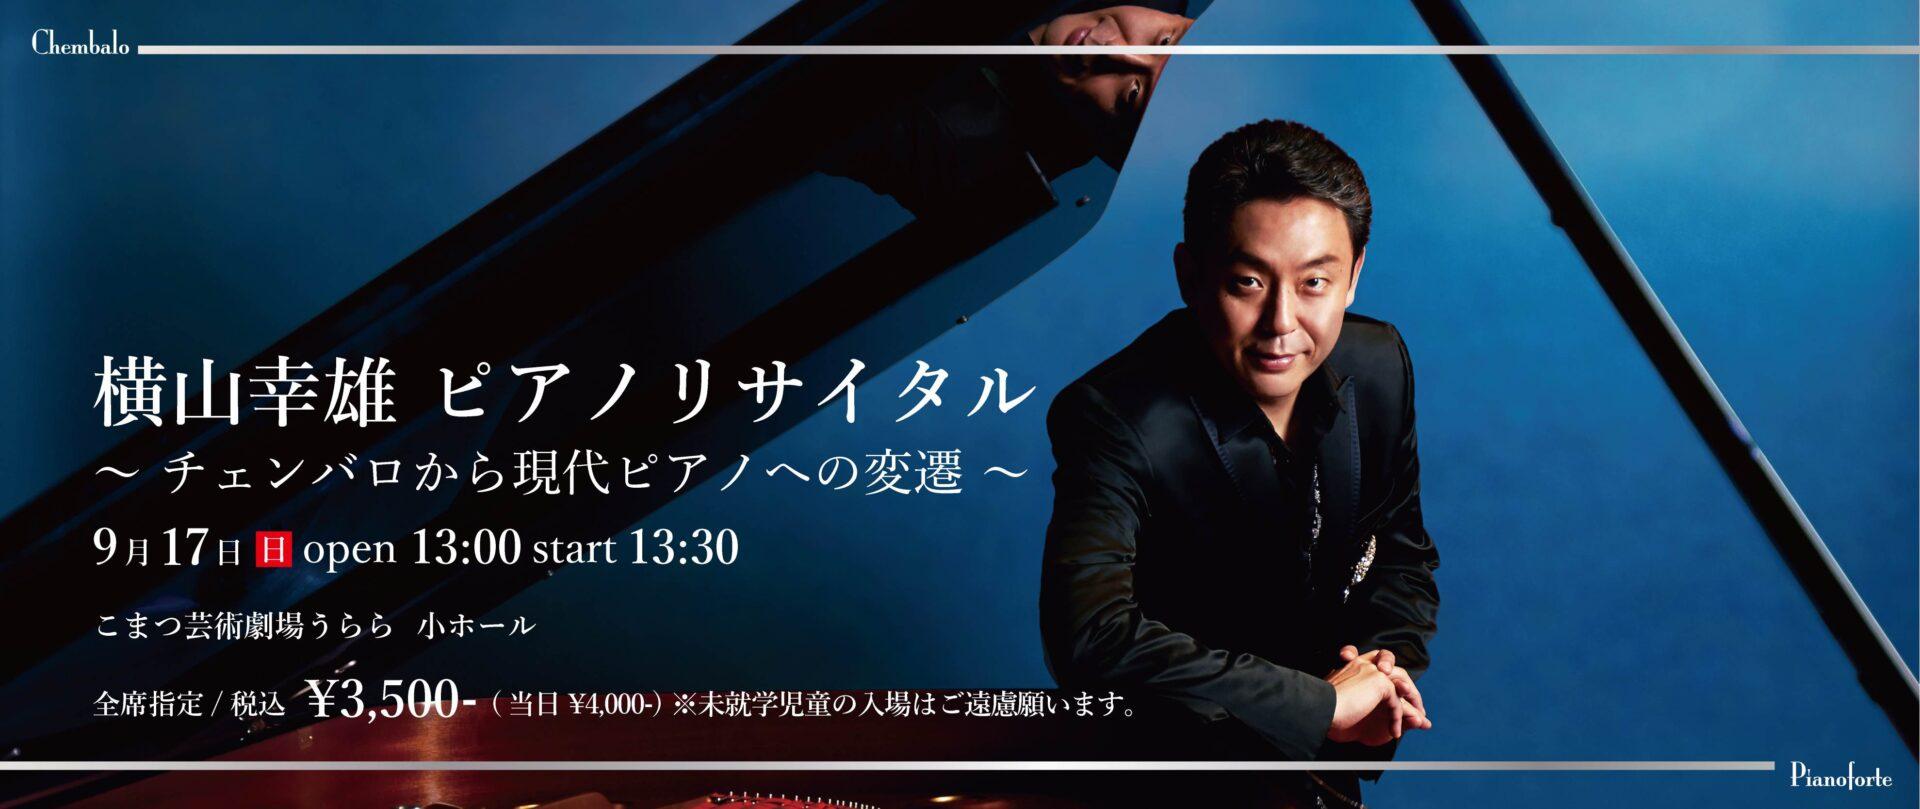 横山幸雄ピアノリサイタル